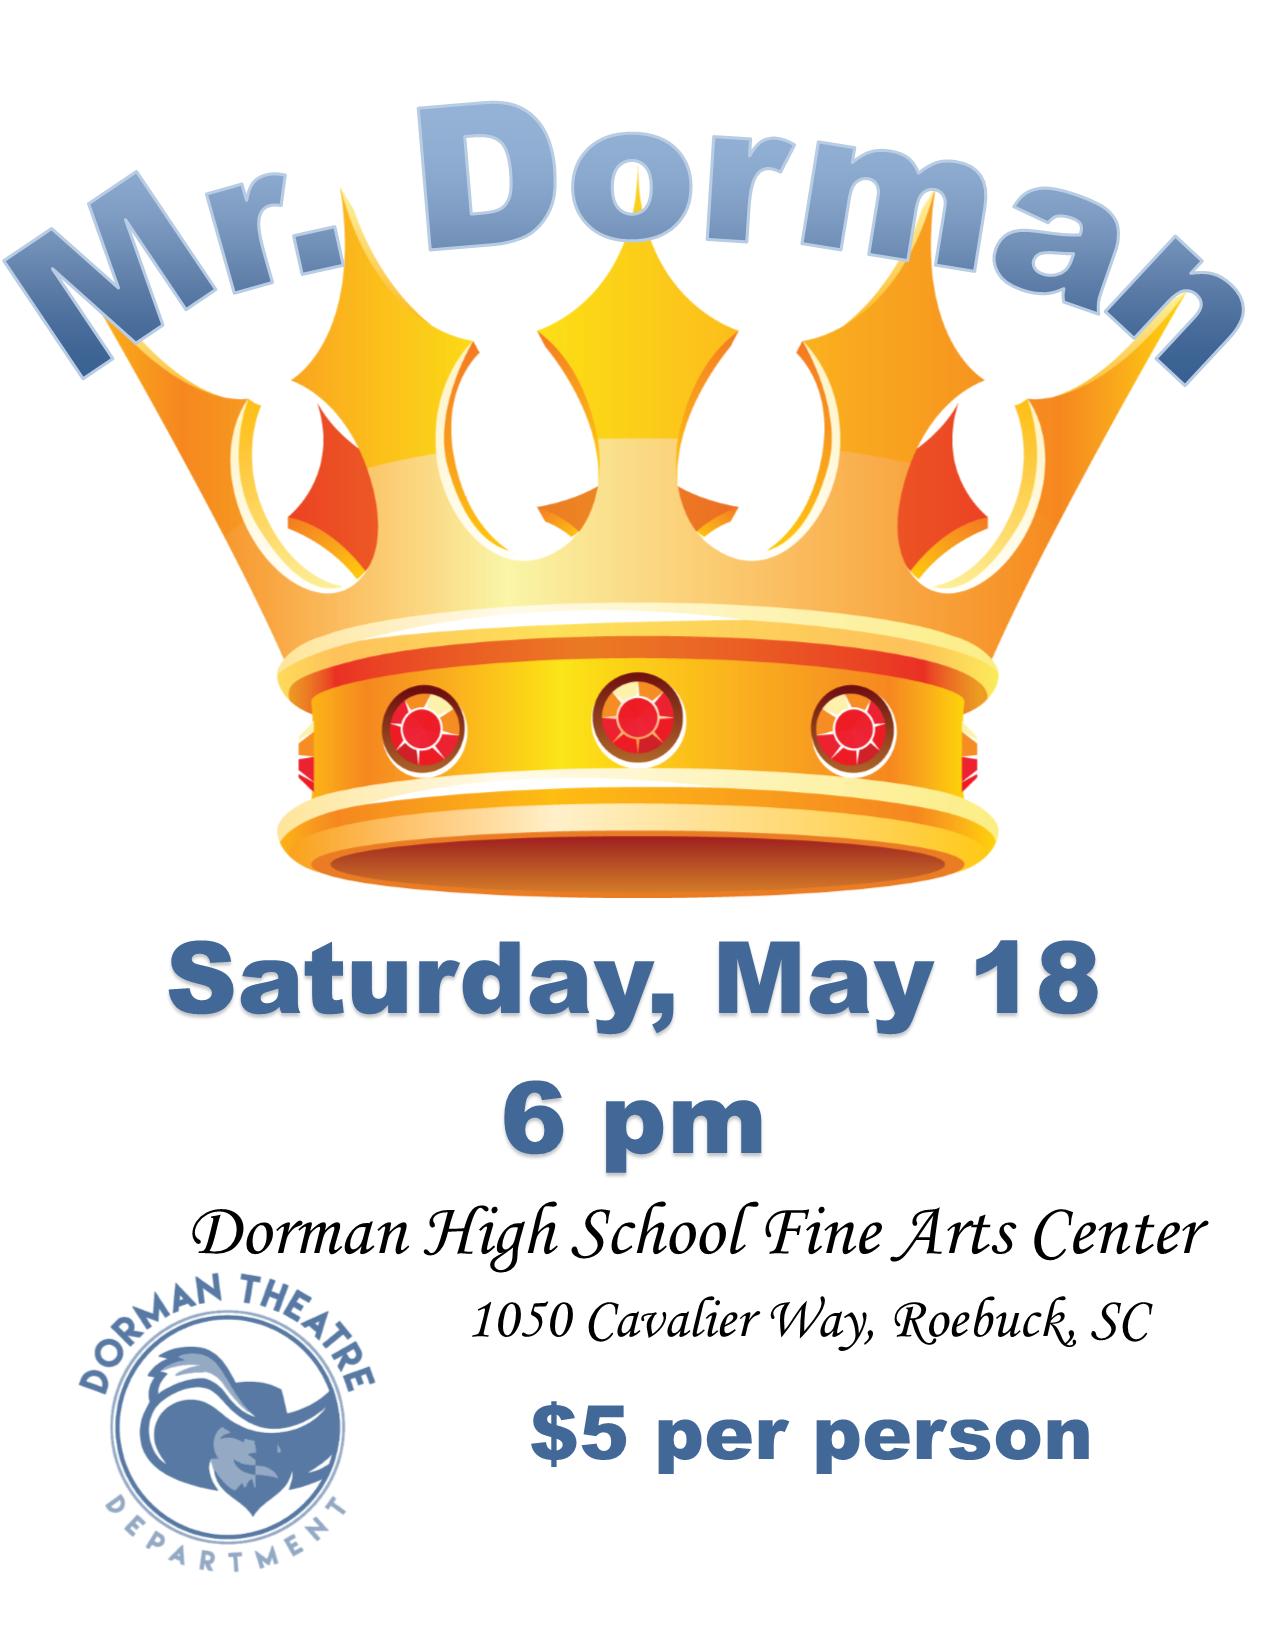 Mr dorman poster